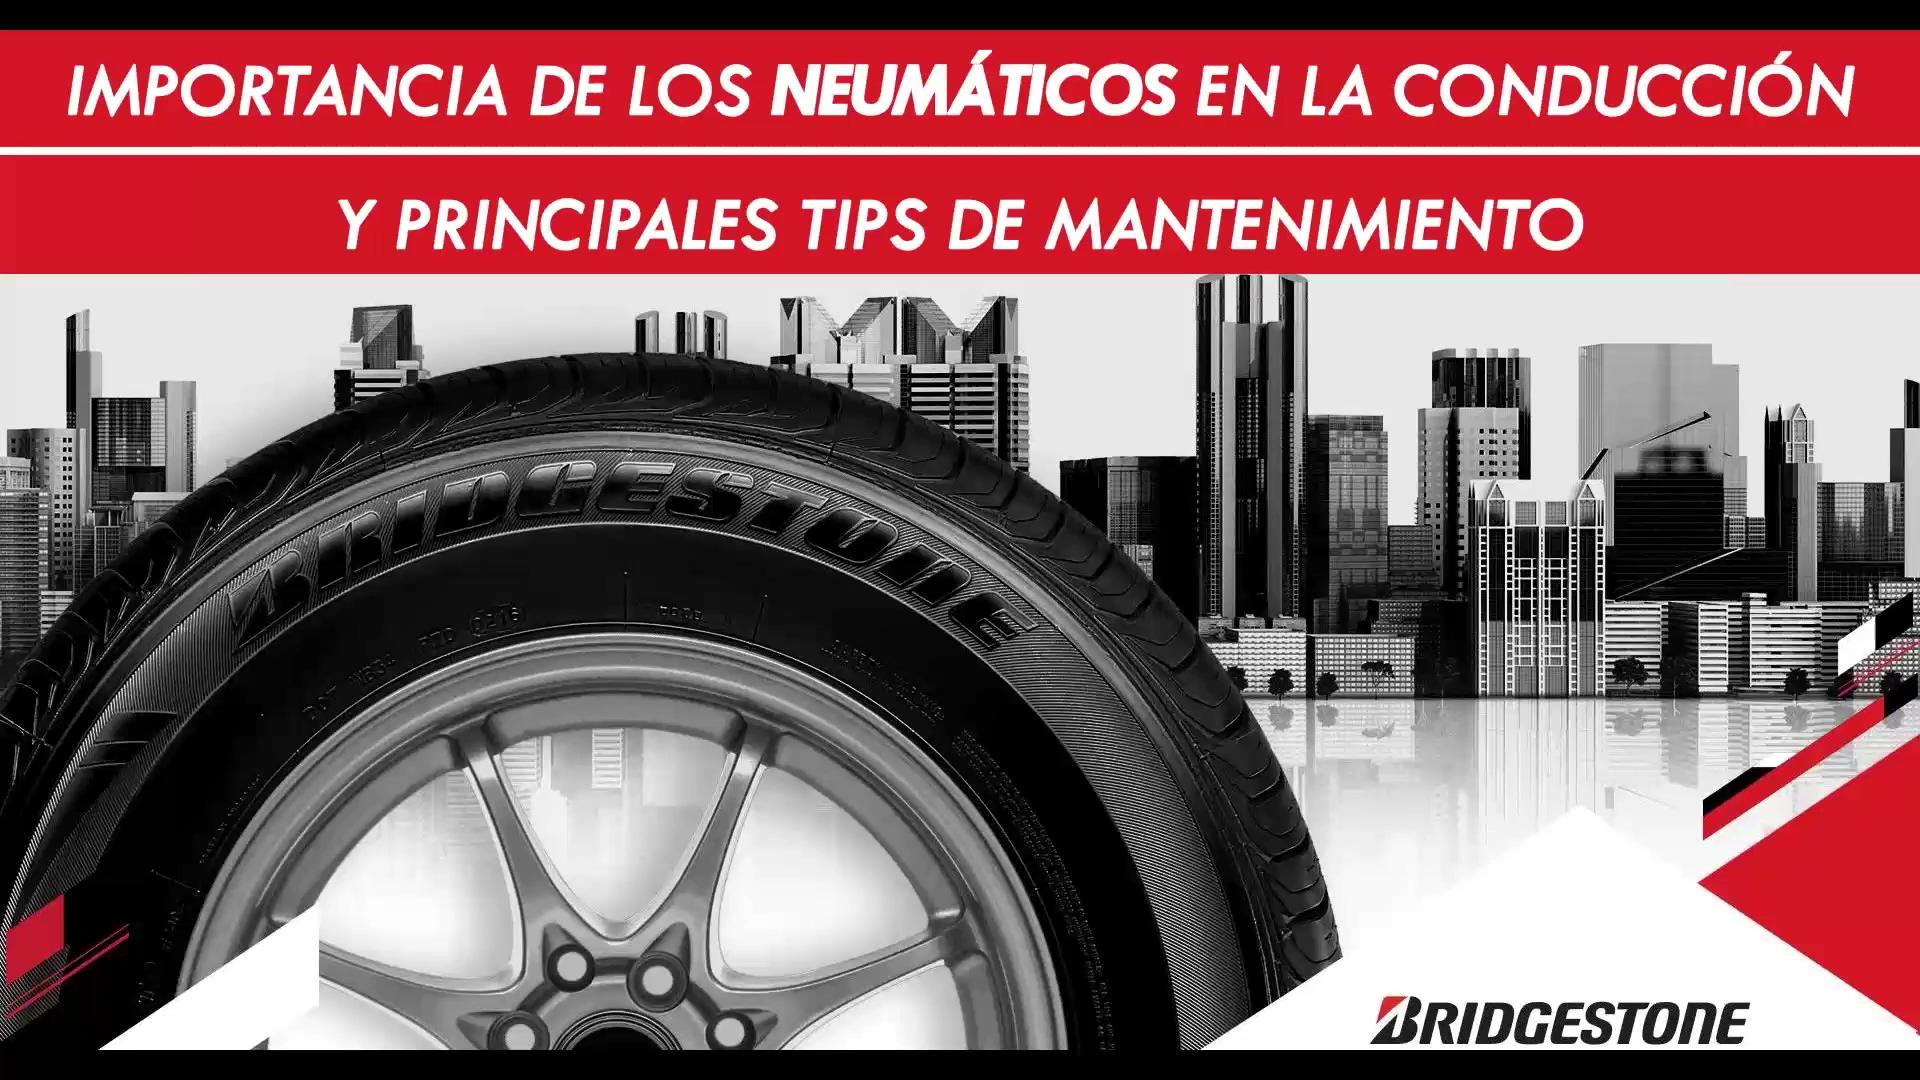 61 clip webinar Importancia de los neumáticos en la conducción y principales tips de mantenimiento